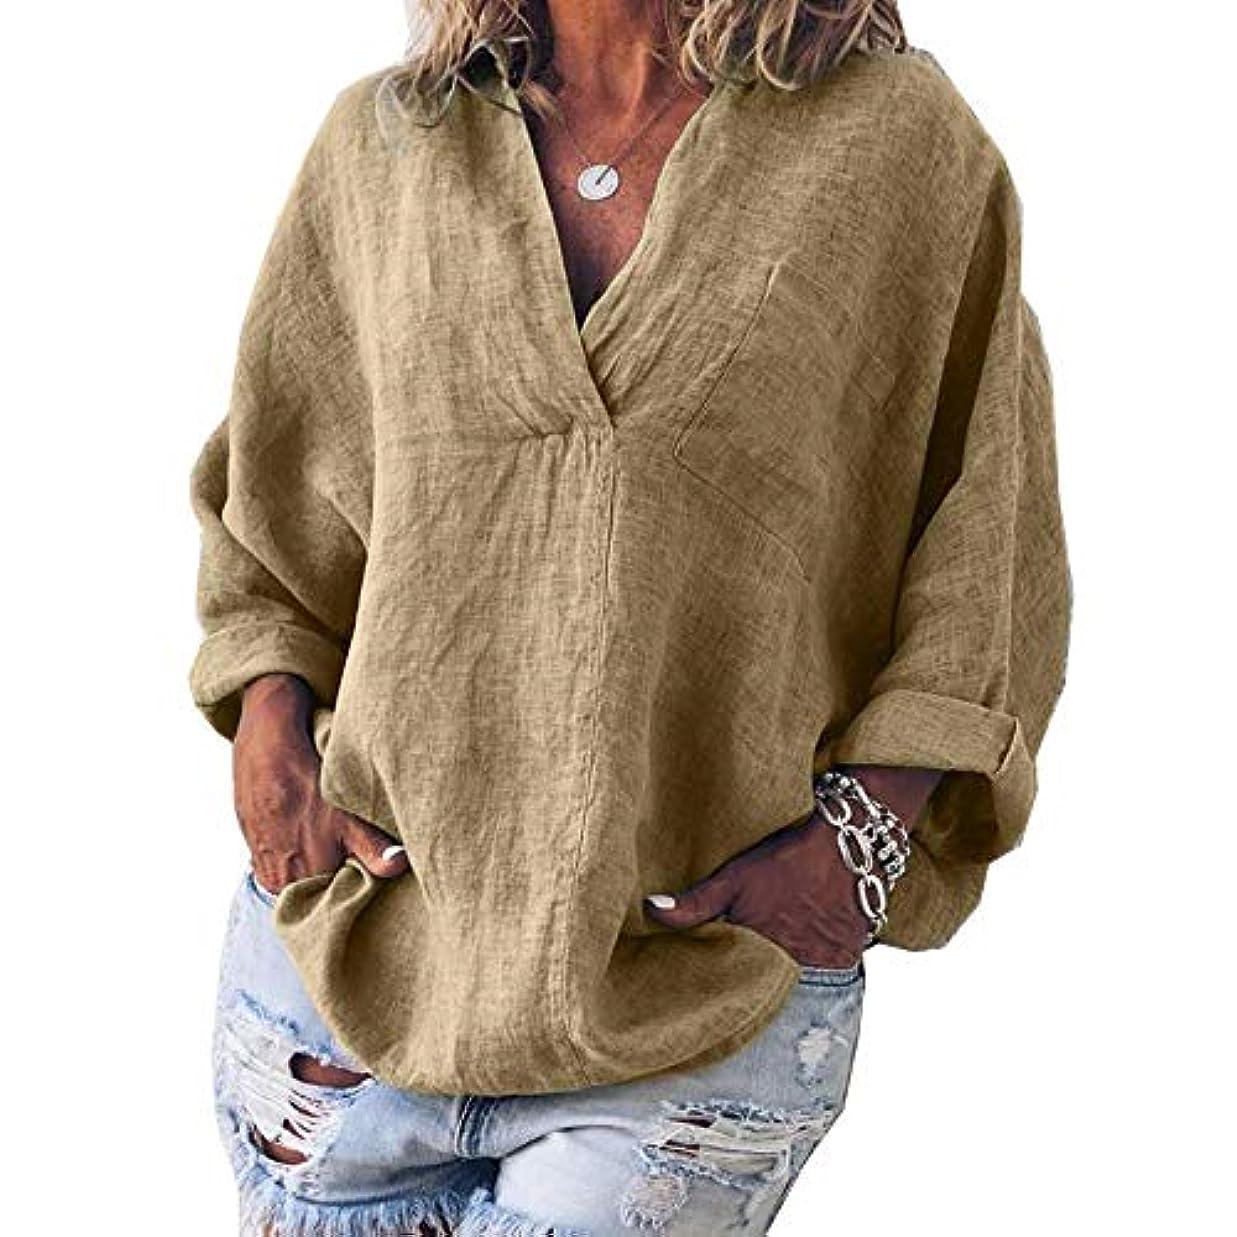 評価する中央値ドームMIFAN女性ファッション春夏チュニックトップス深いVネックTシャツ長袖プルオーバールーズリネンブラウス